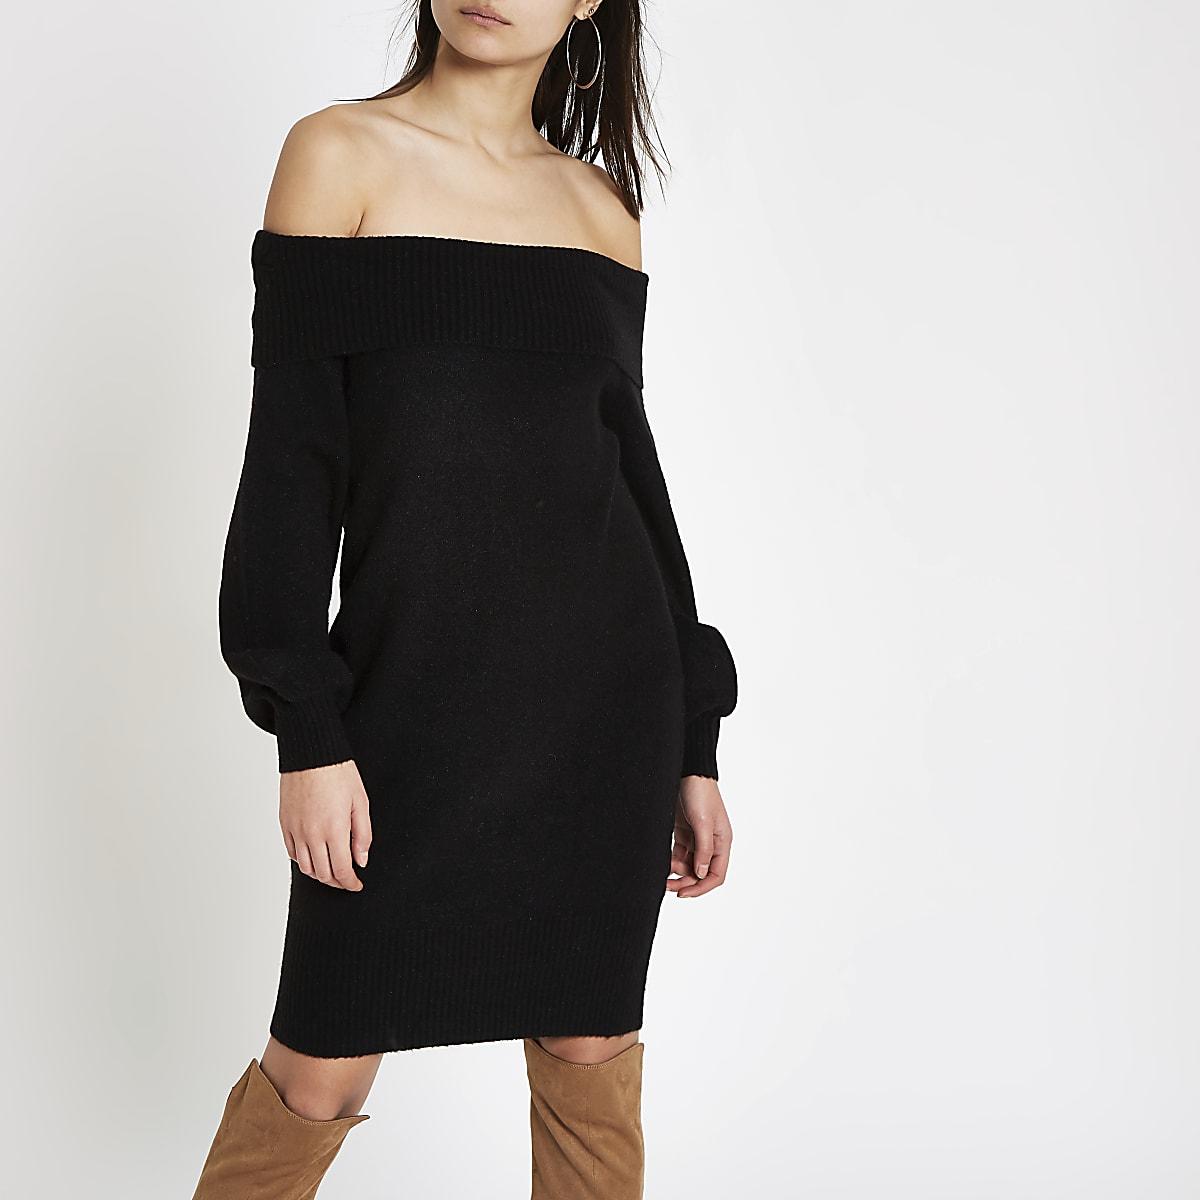 e70b2c9368d027 Zwarte trui-jurk met bardothals - Bardot   Bandeaujurken - Jurken ...